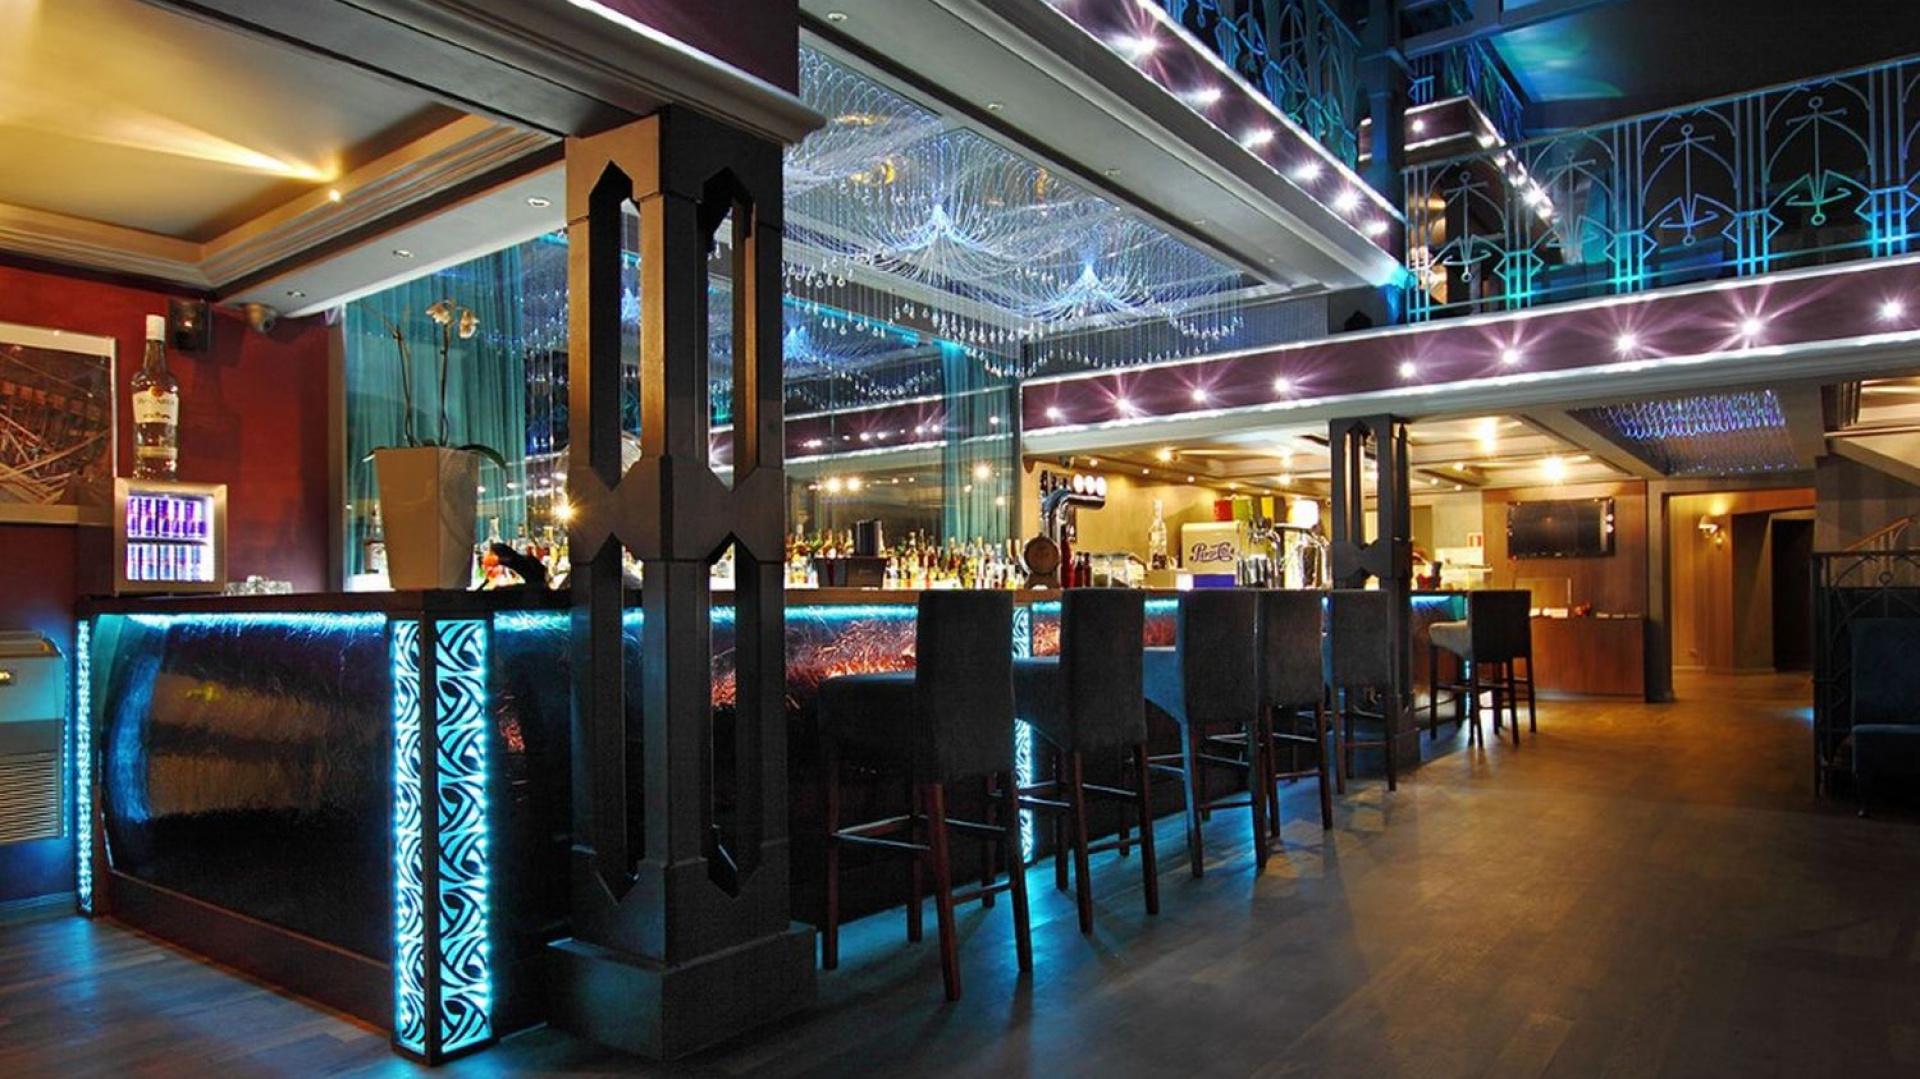 Bar w klubie Scenografia. Fot. Atelier Słowiński